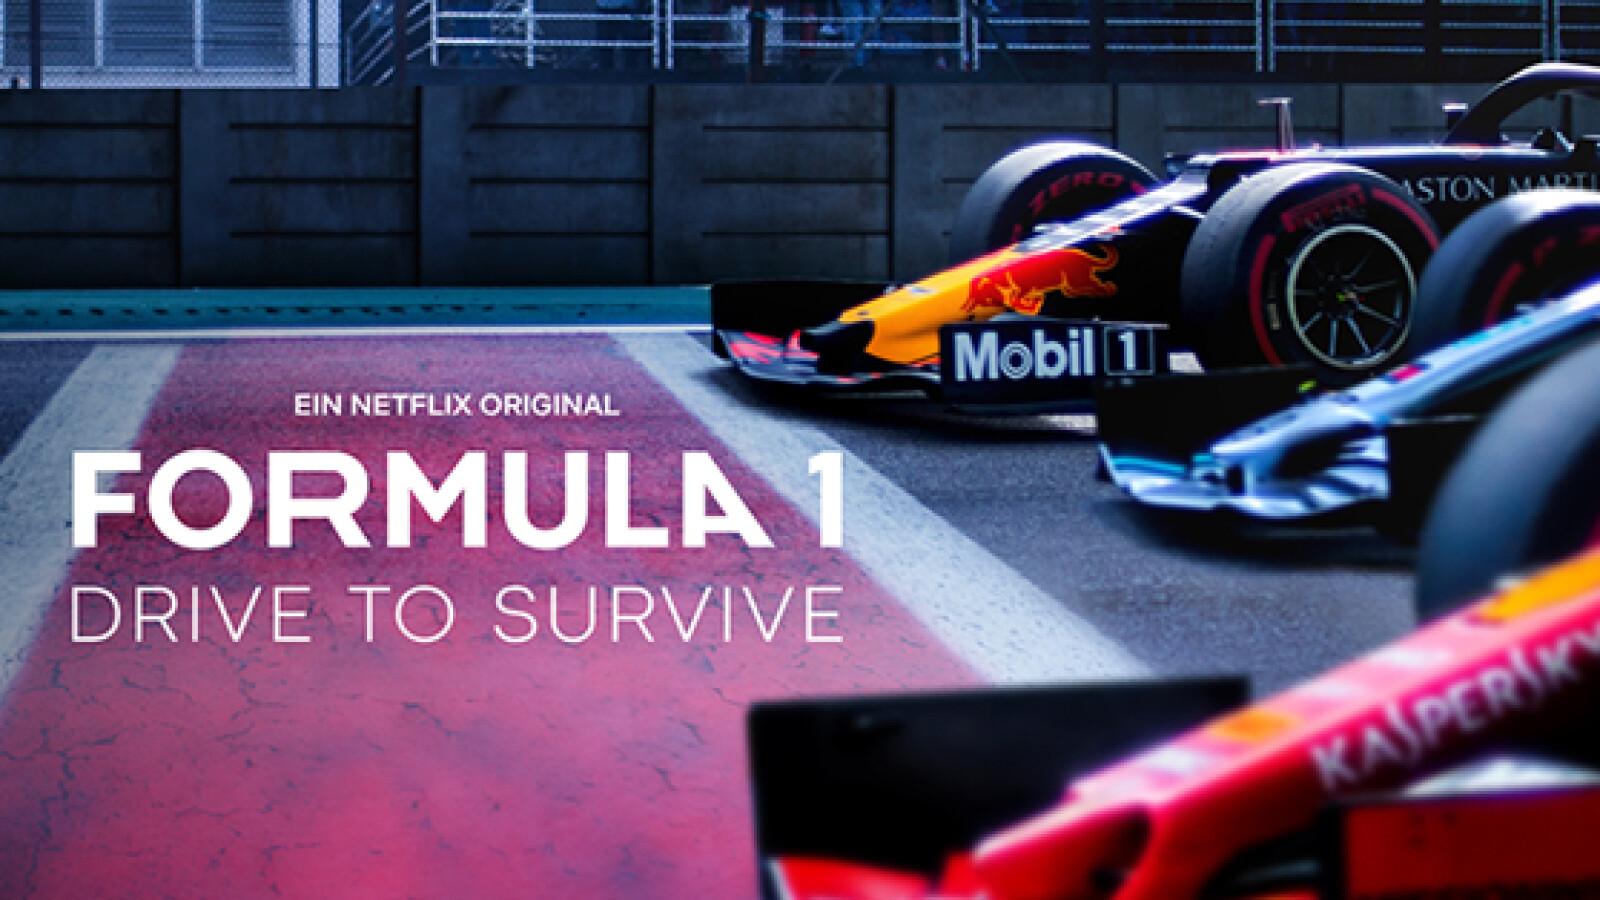 Formel 1 Im Fernsehen 2021